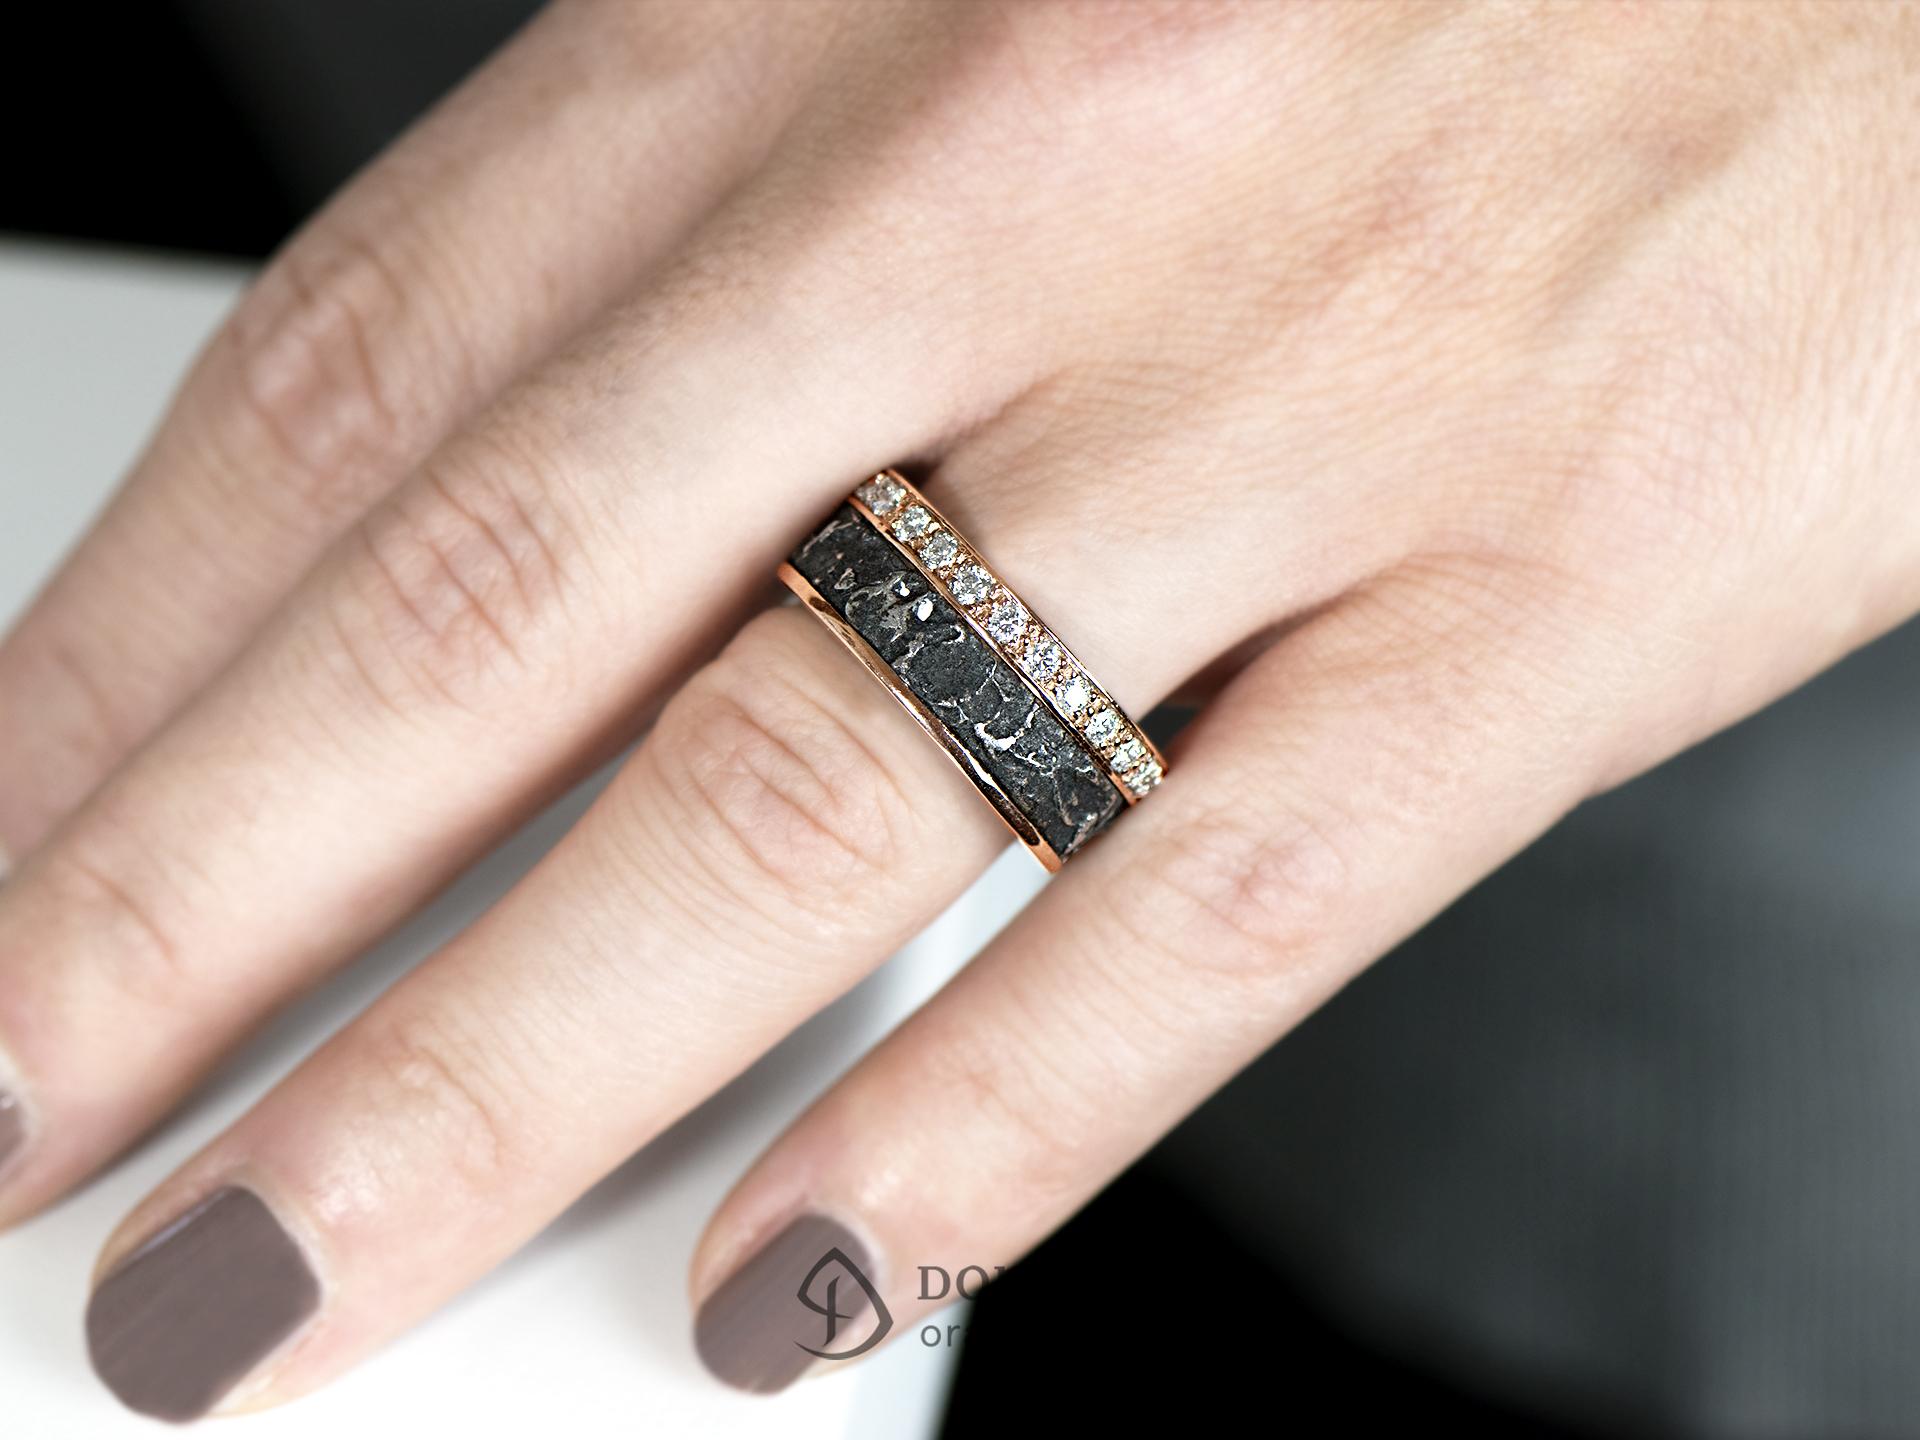 anello-ferro-prezioso-oceano-diamanti-incolore-3